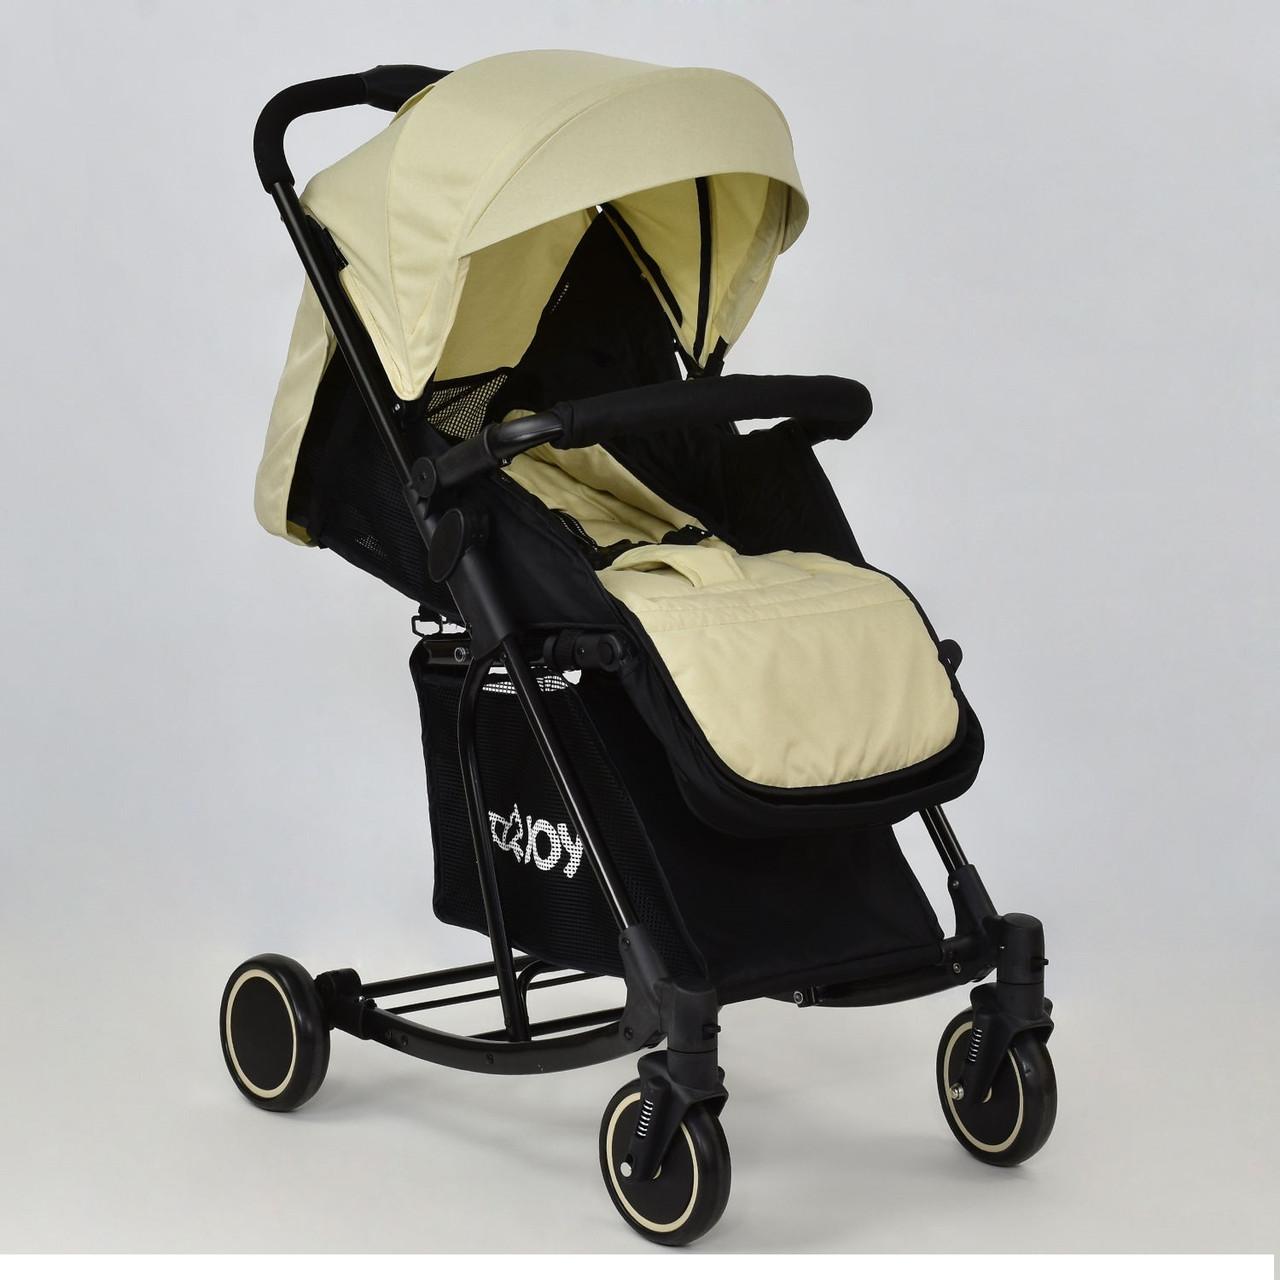 Детская коляска Т 609 JOY с функцией качания бежевая